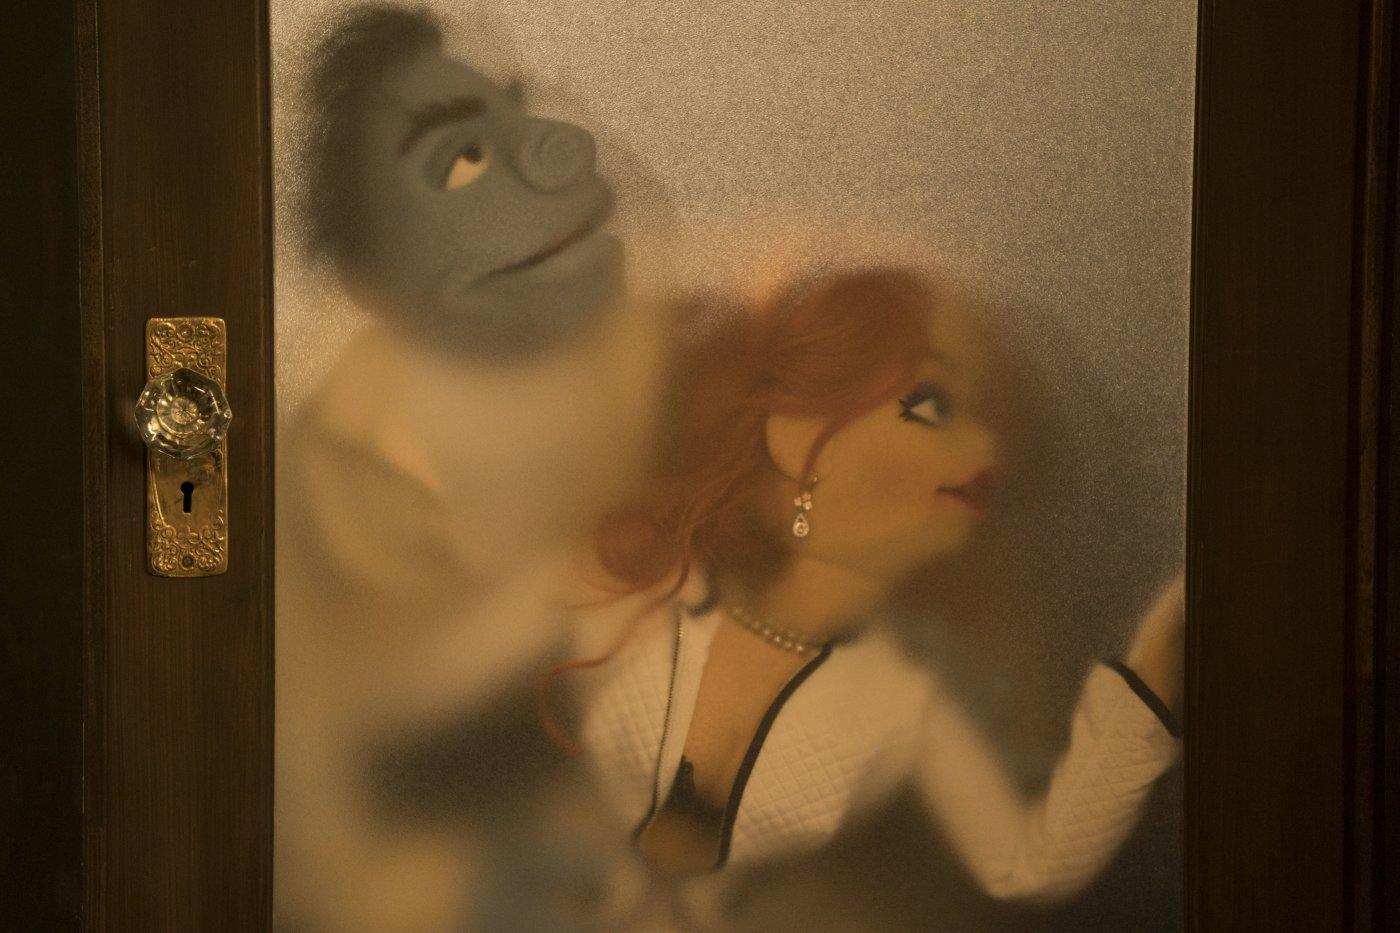 світлини із фильма Фільм - Іграшки для дорослих